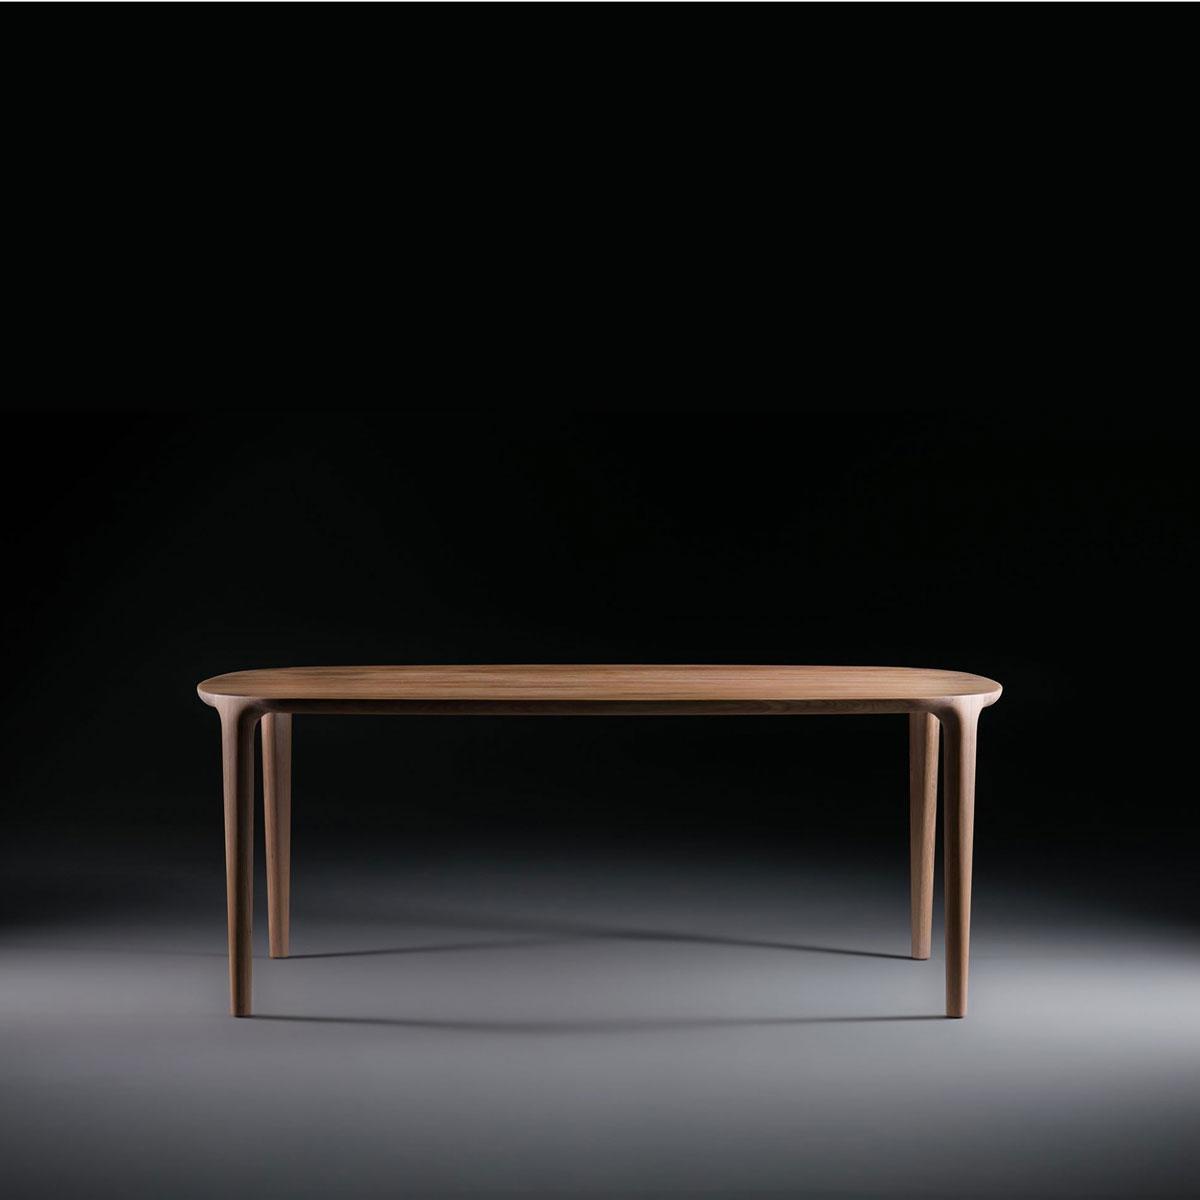 Mesa Wu, en madera maciza a elegir con diseño vanguardista y de producción artesanal en Europa